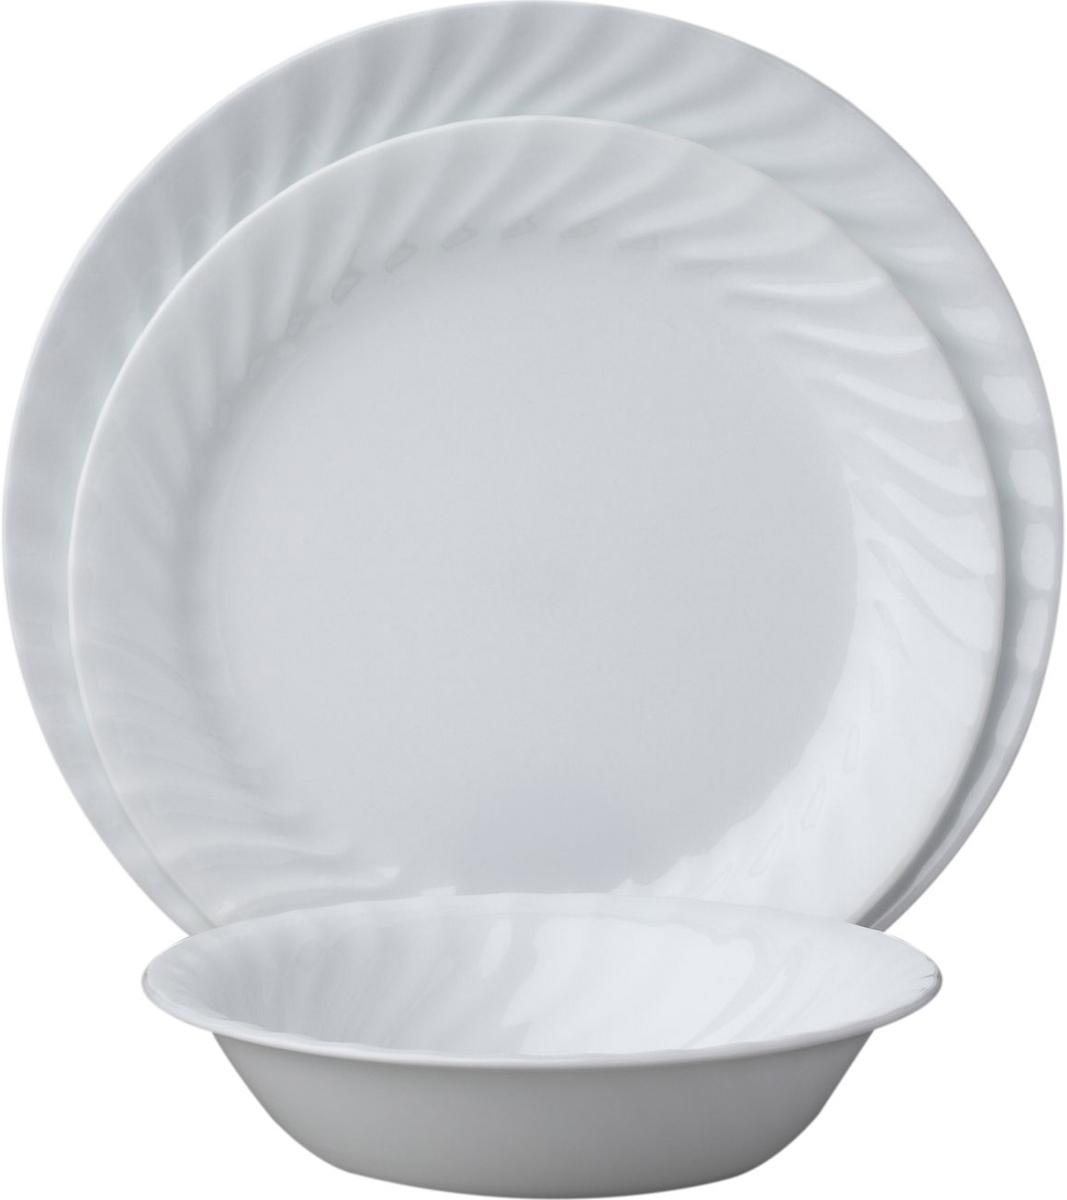 Набор посуды Corelle Enhancements, цвет: белый, 18 предметов. 10886311088631Новая коллекция Vive воплощает утонченную изысканность тонкого фарфора, но остается верной знаменитому наследию Corelle. Наслаждайтесь моментом, ведь теперь Вы можете использовать лучшую посуду каждый день. Классический стиль, идеальная белизна посуды и универсальность - основные достоинства посуды Enhancements. И будьте уверены - эта посуда украсит любой стол. Набор посуды Vive Enhancements состоит из: -обеденная тарелка, 26 см - 6 шт;-закусочная тарелка, 23 см - 6 шт;-суповая тарелка, 530 мл - 6 шт.